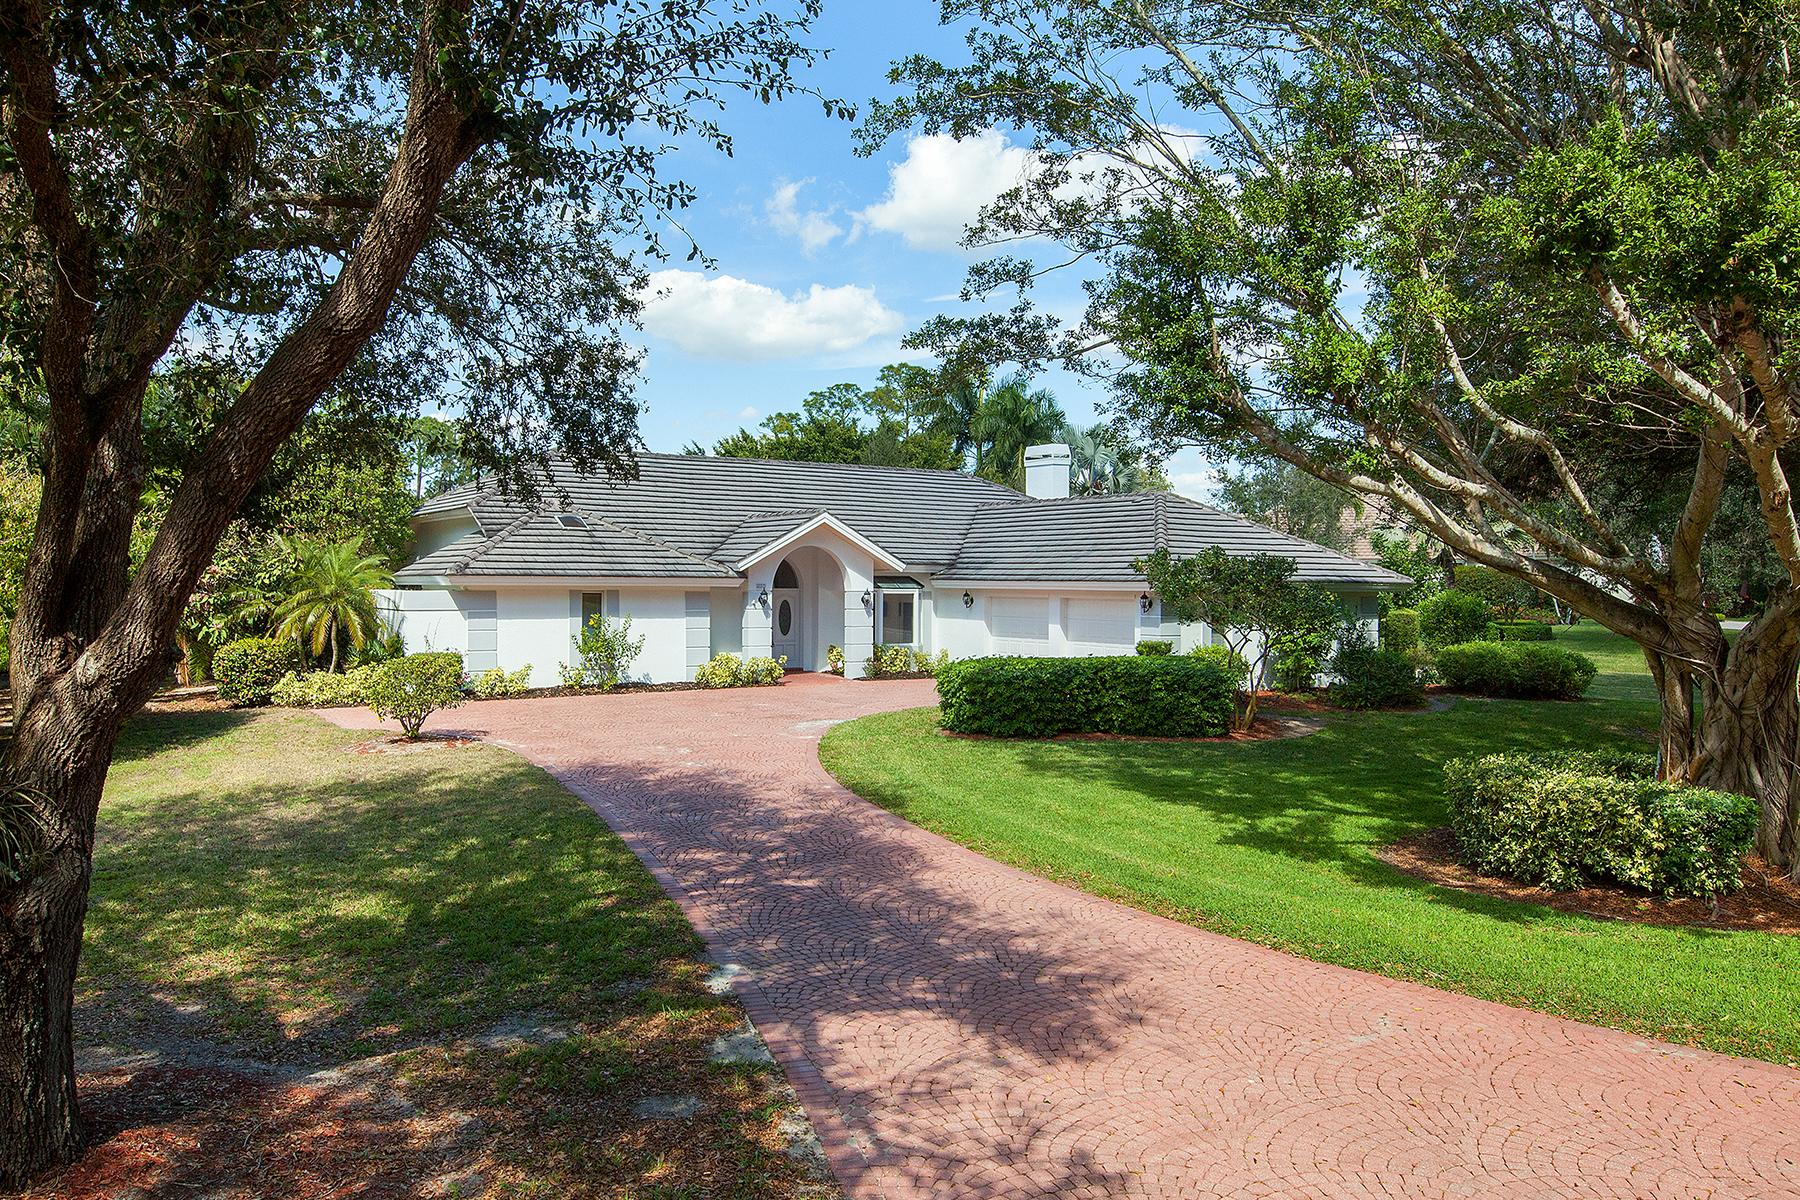 独户住宅 为 销售 在 NAPLES 4887 Pond Apple Dr S Quail Creek, 那不勒斯, 佛罗里达州, 34119 美国